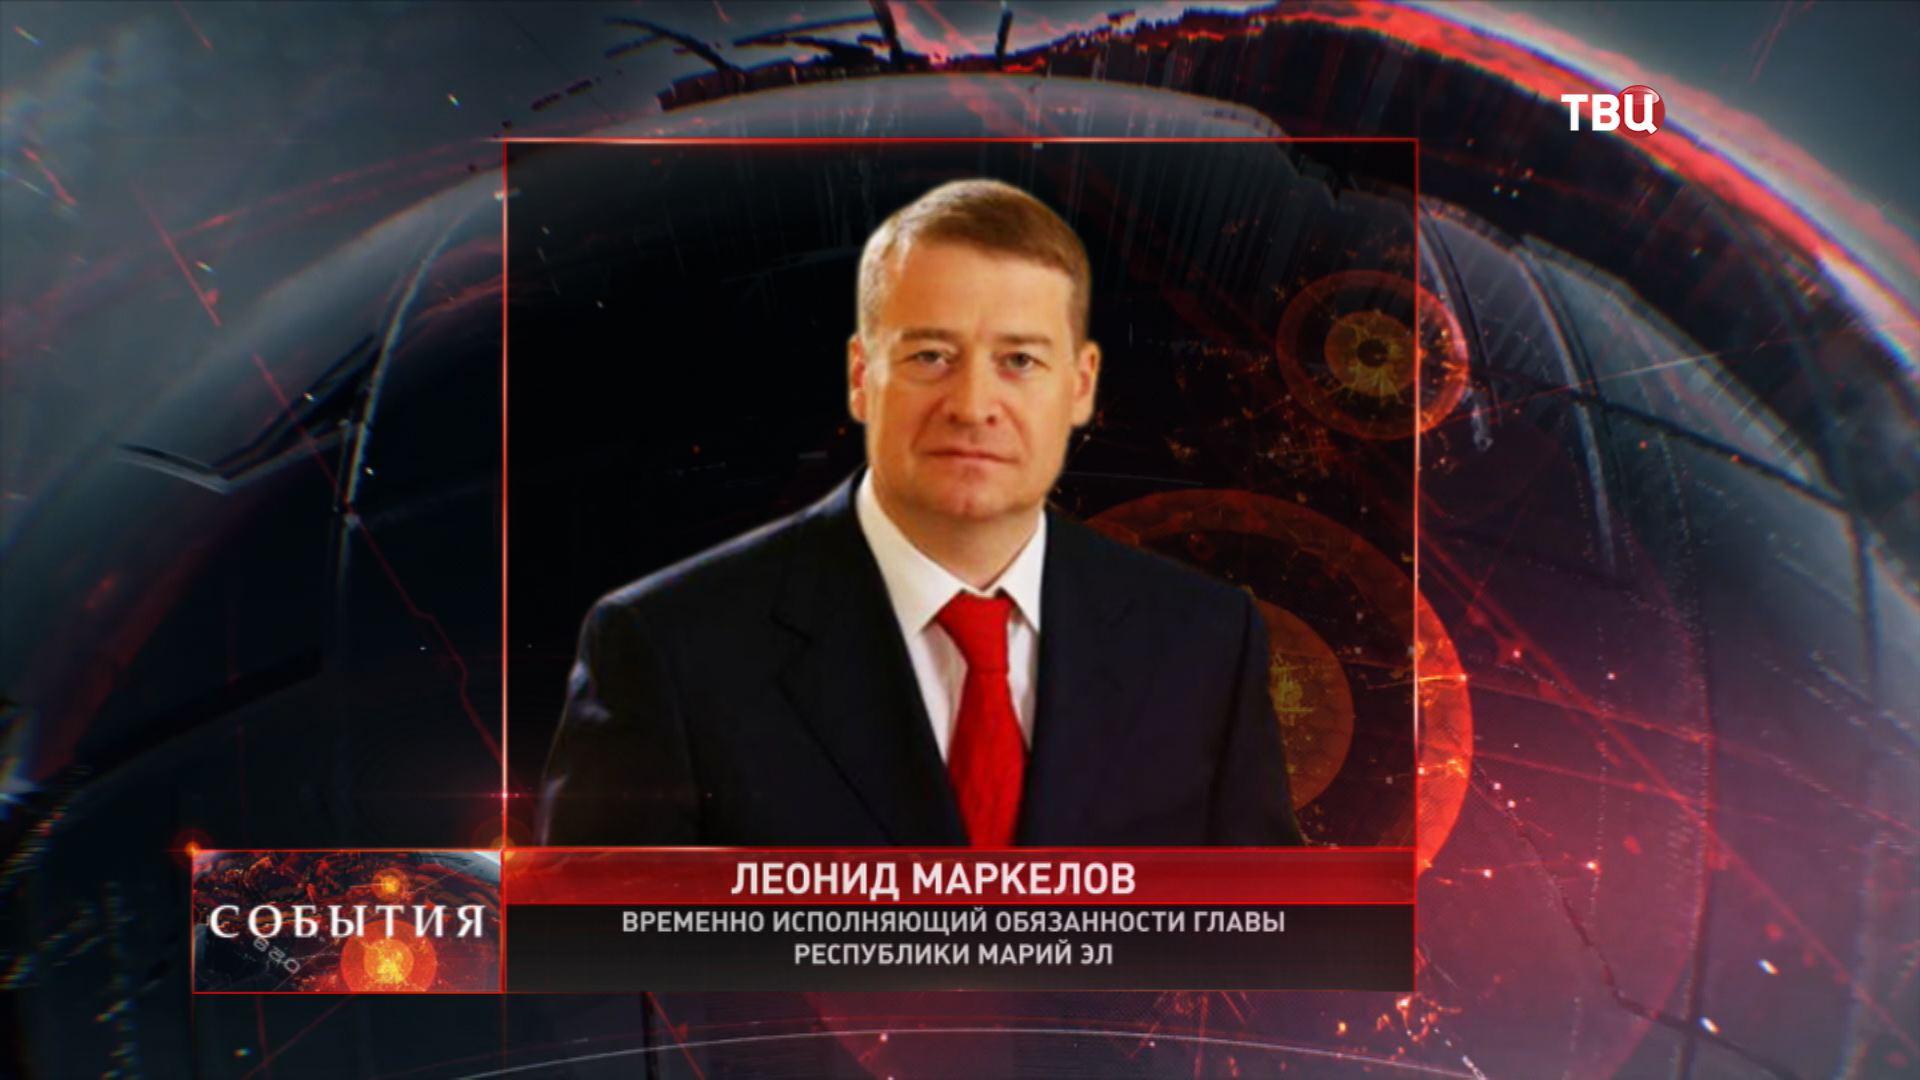 Леонид Маркелов, временно исполняющий обязанности главы республики Марий Эл